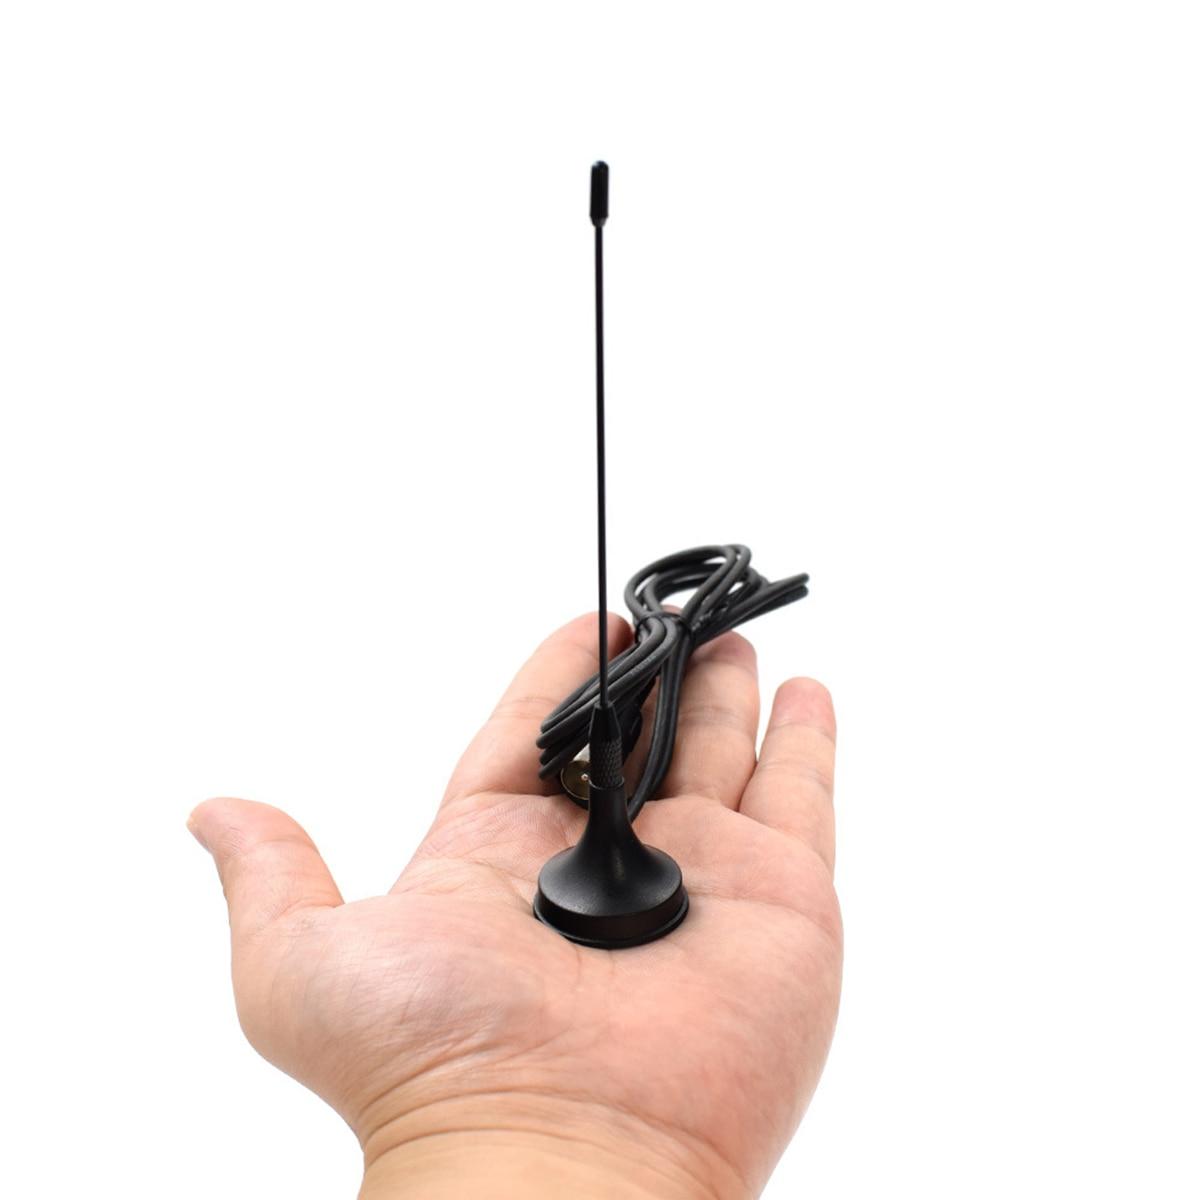 Soonhua antena digital interna 1.5m, 50 milhas 5dbi, cabo de tv para receptor digital dvb t freeview hdtv amplificador de ganho